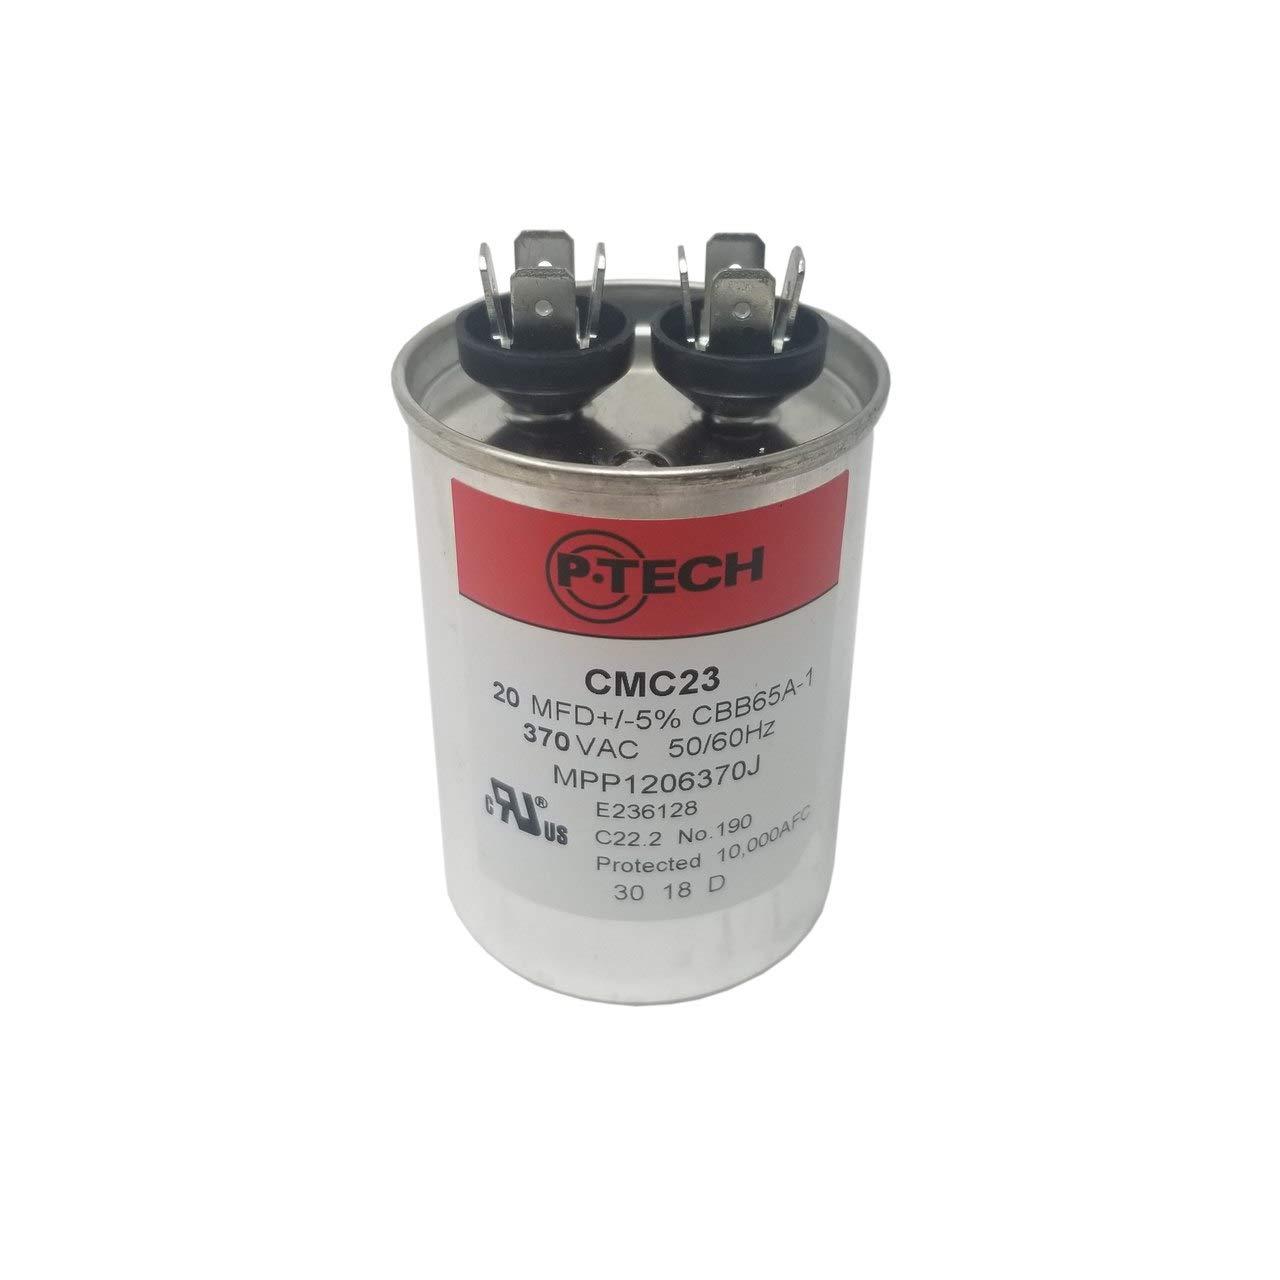 P-Tech USA CMC23 20MFD 370VAC AC Motor Run Capacitor